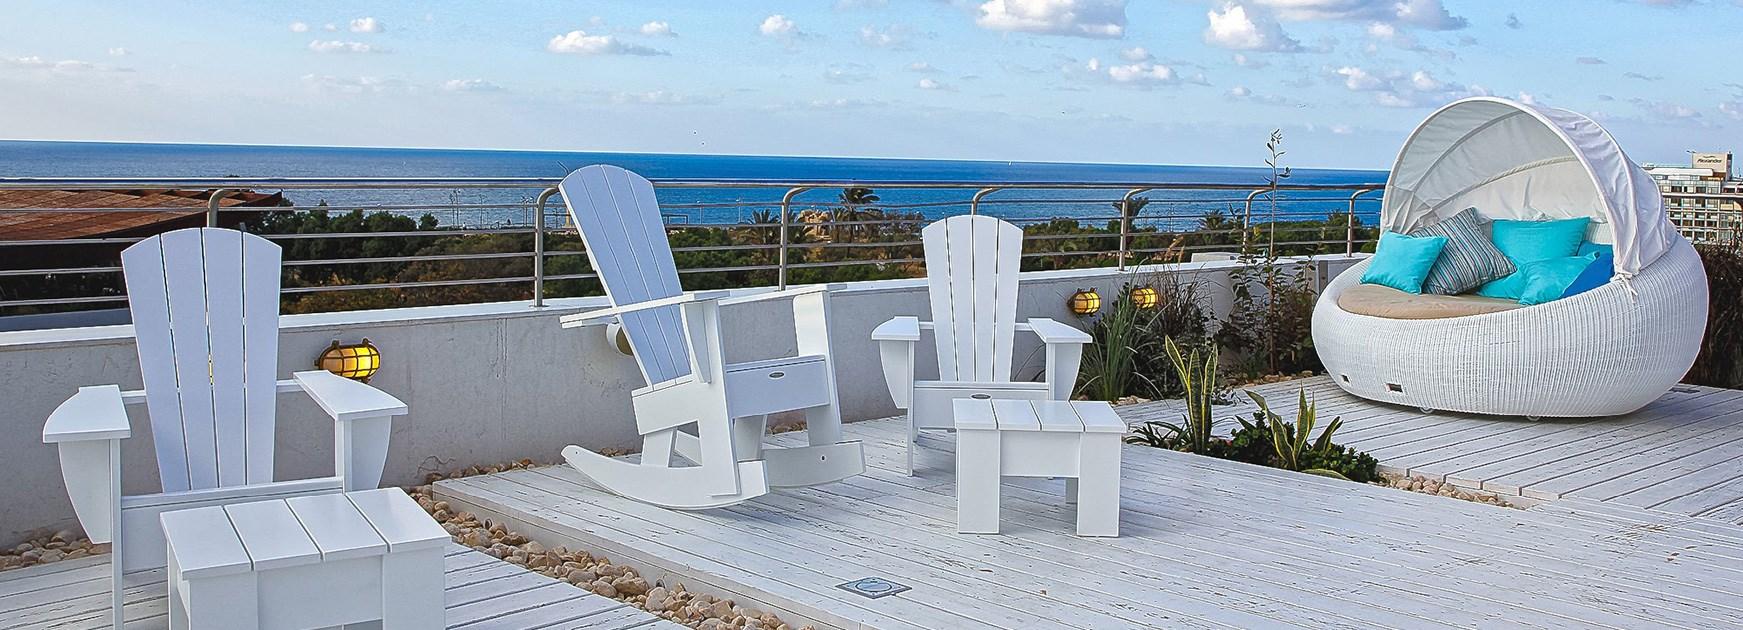 מלון שלום תל אביב מול הים